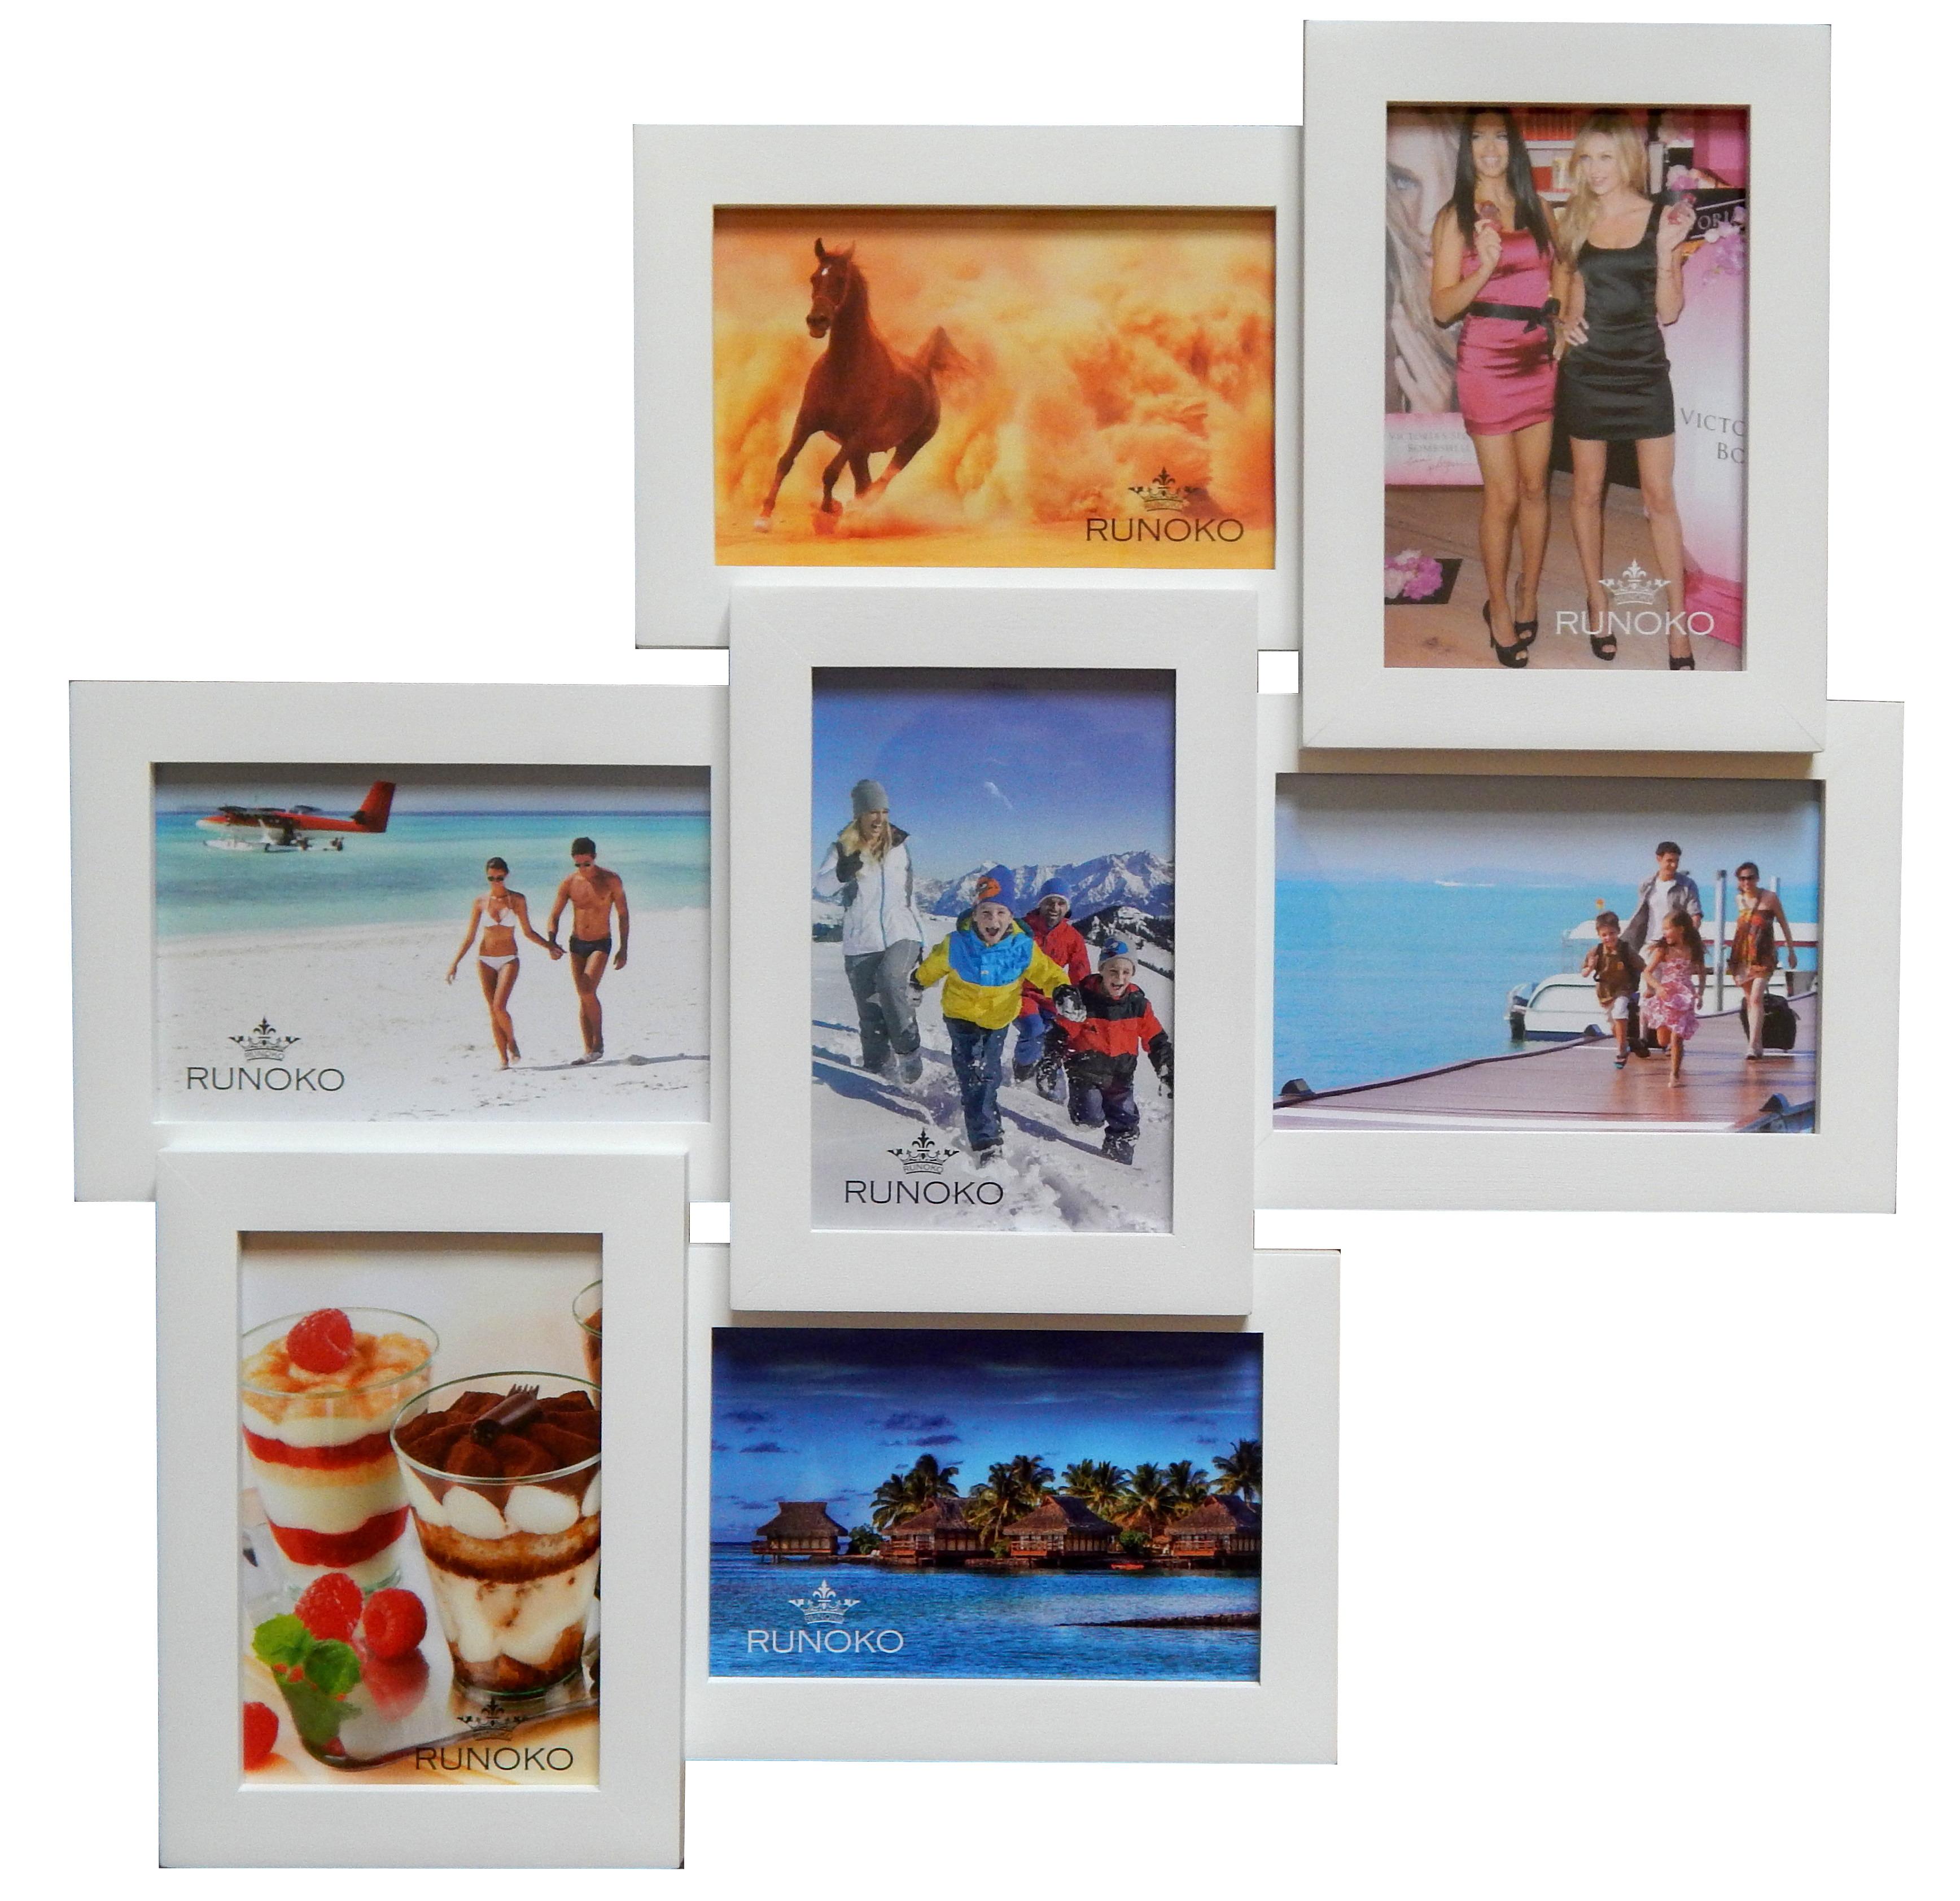 купить рамка для фото на стену на несколько фотографий Ирпень